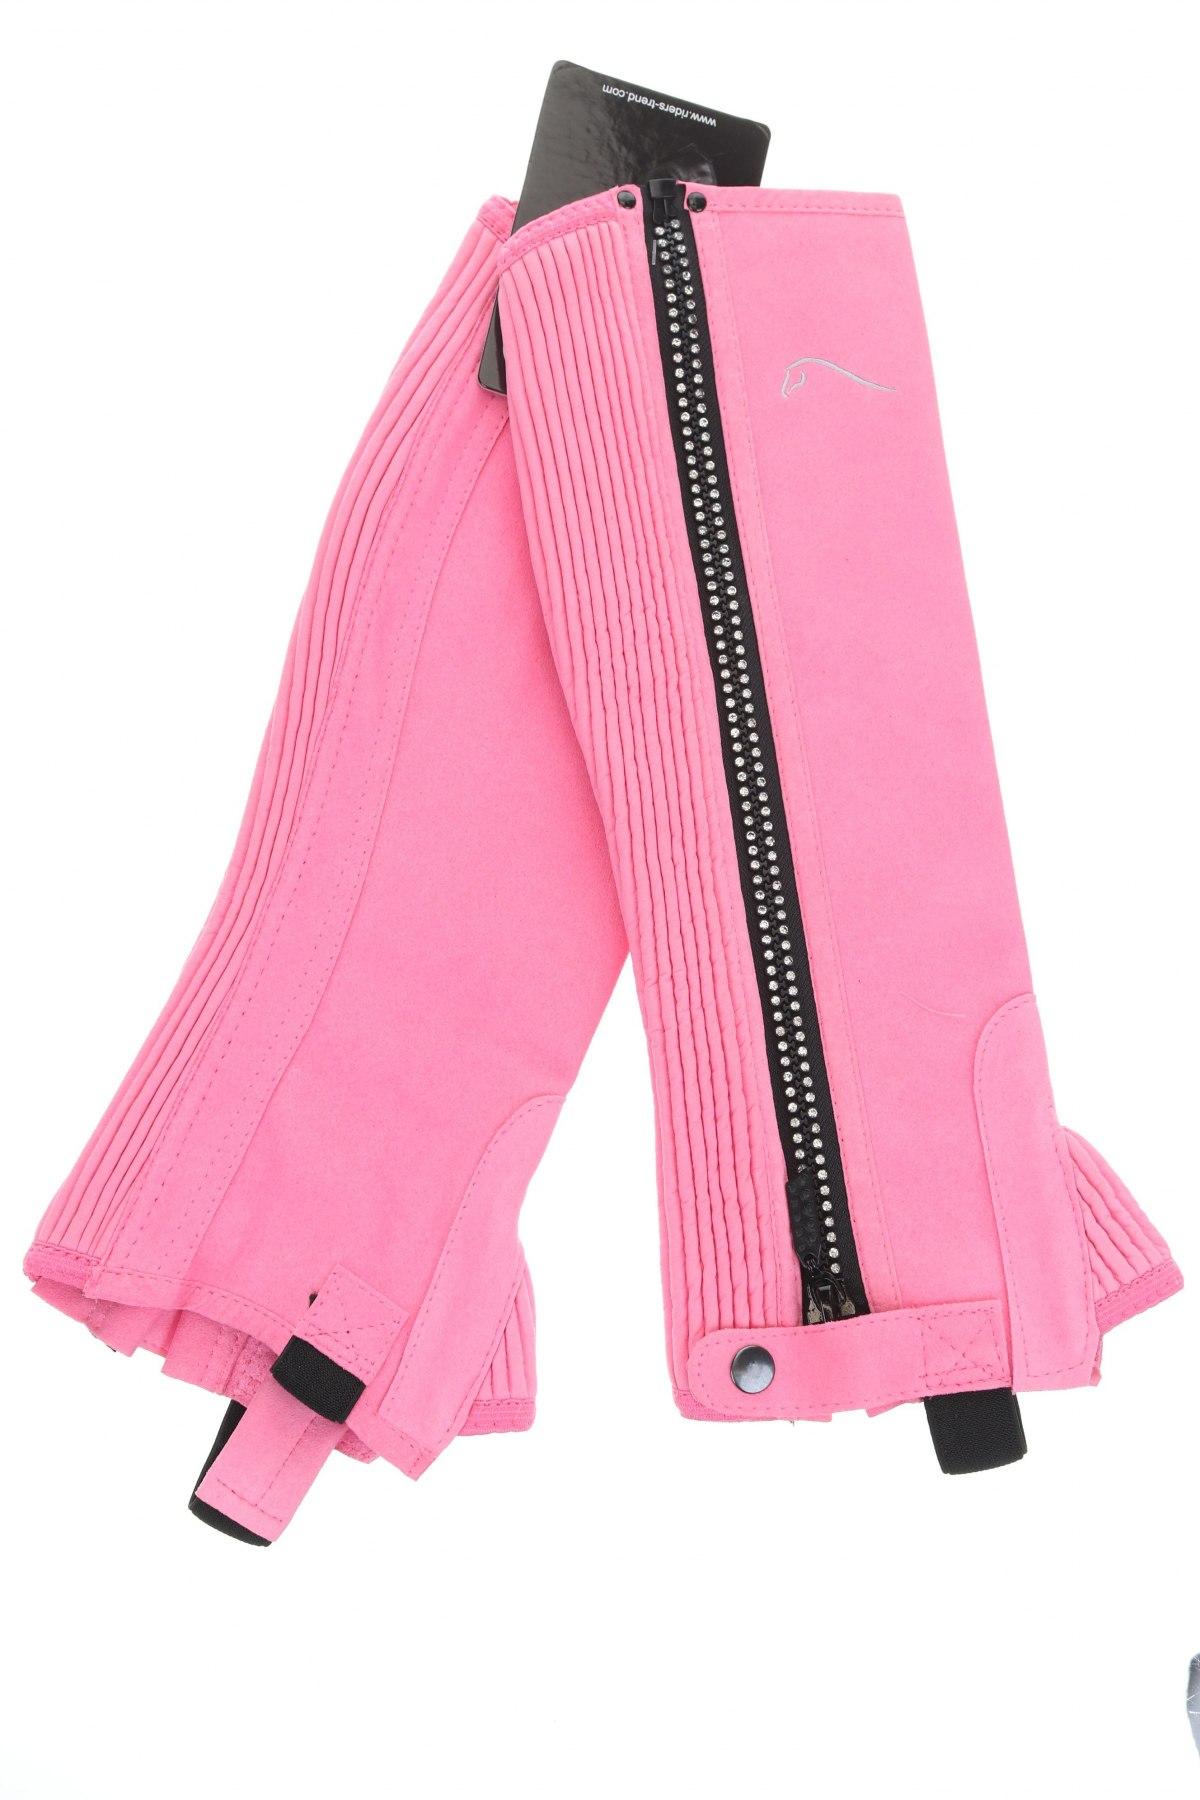 Γκέτες για υππασία Riders Trend, Μέγεθος XS, Χρώμα Ρόζ , Φυσικό σουέτ, Τιμή 10,55€